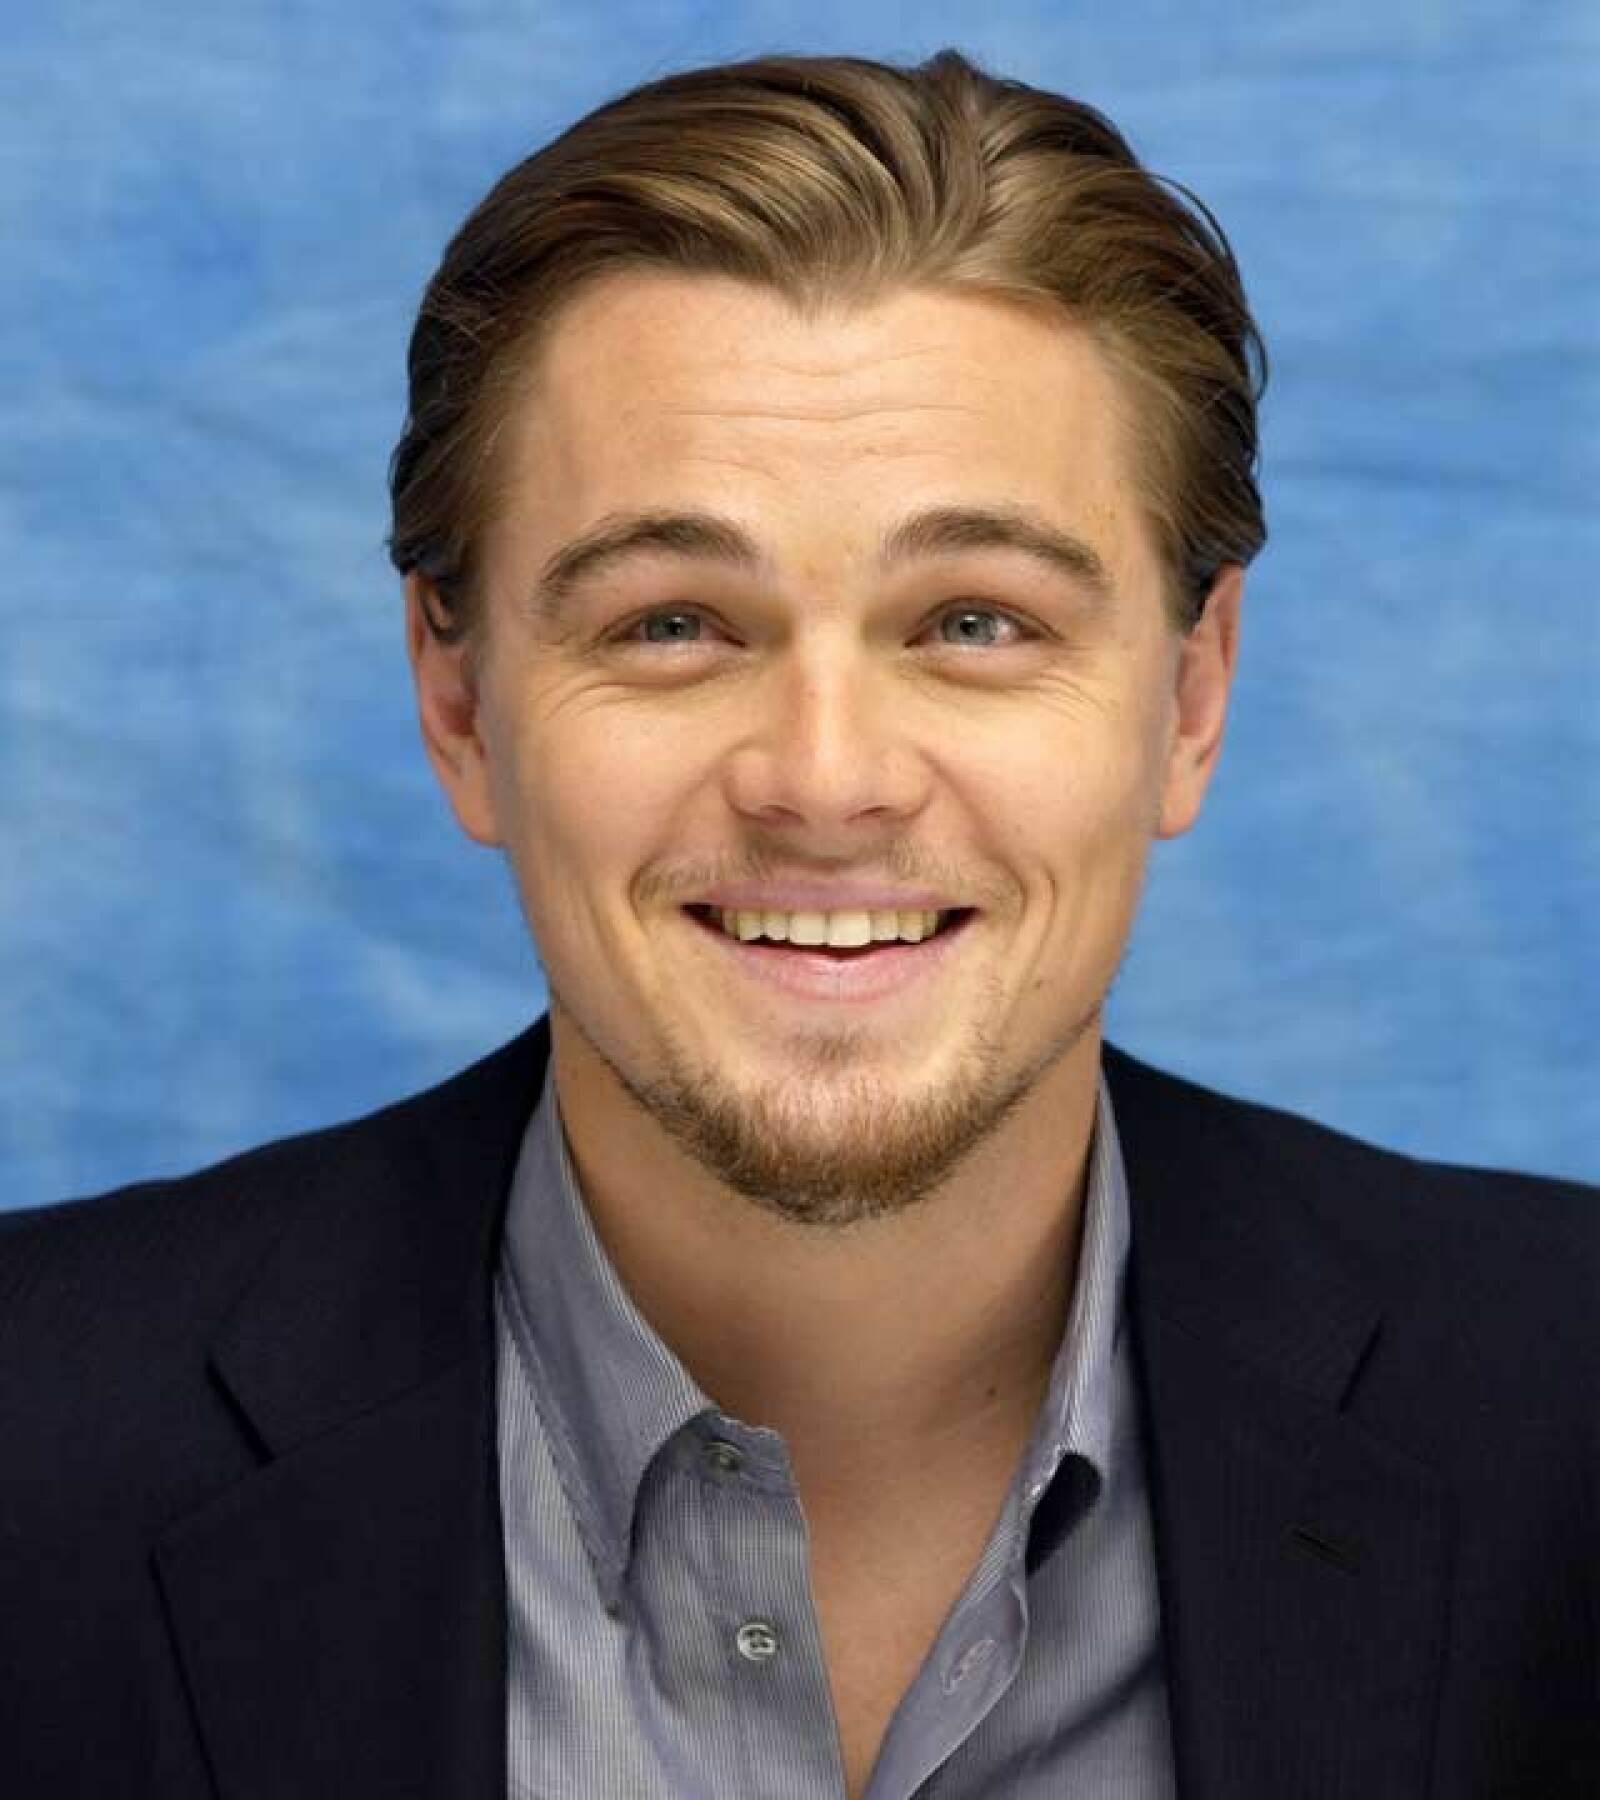 Leonardo inició un noviazgo de 5 años con la modelo Gisele Bundchen que terminó en 2005.